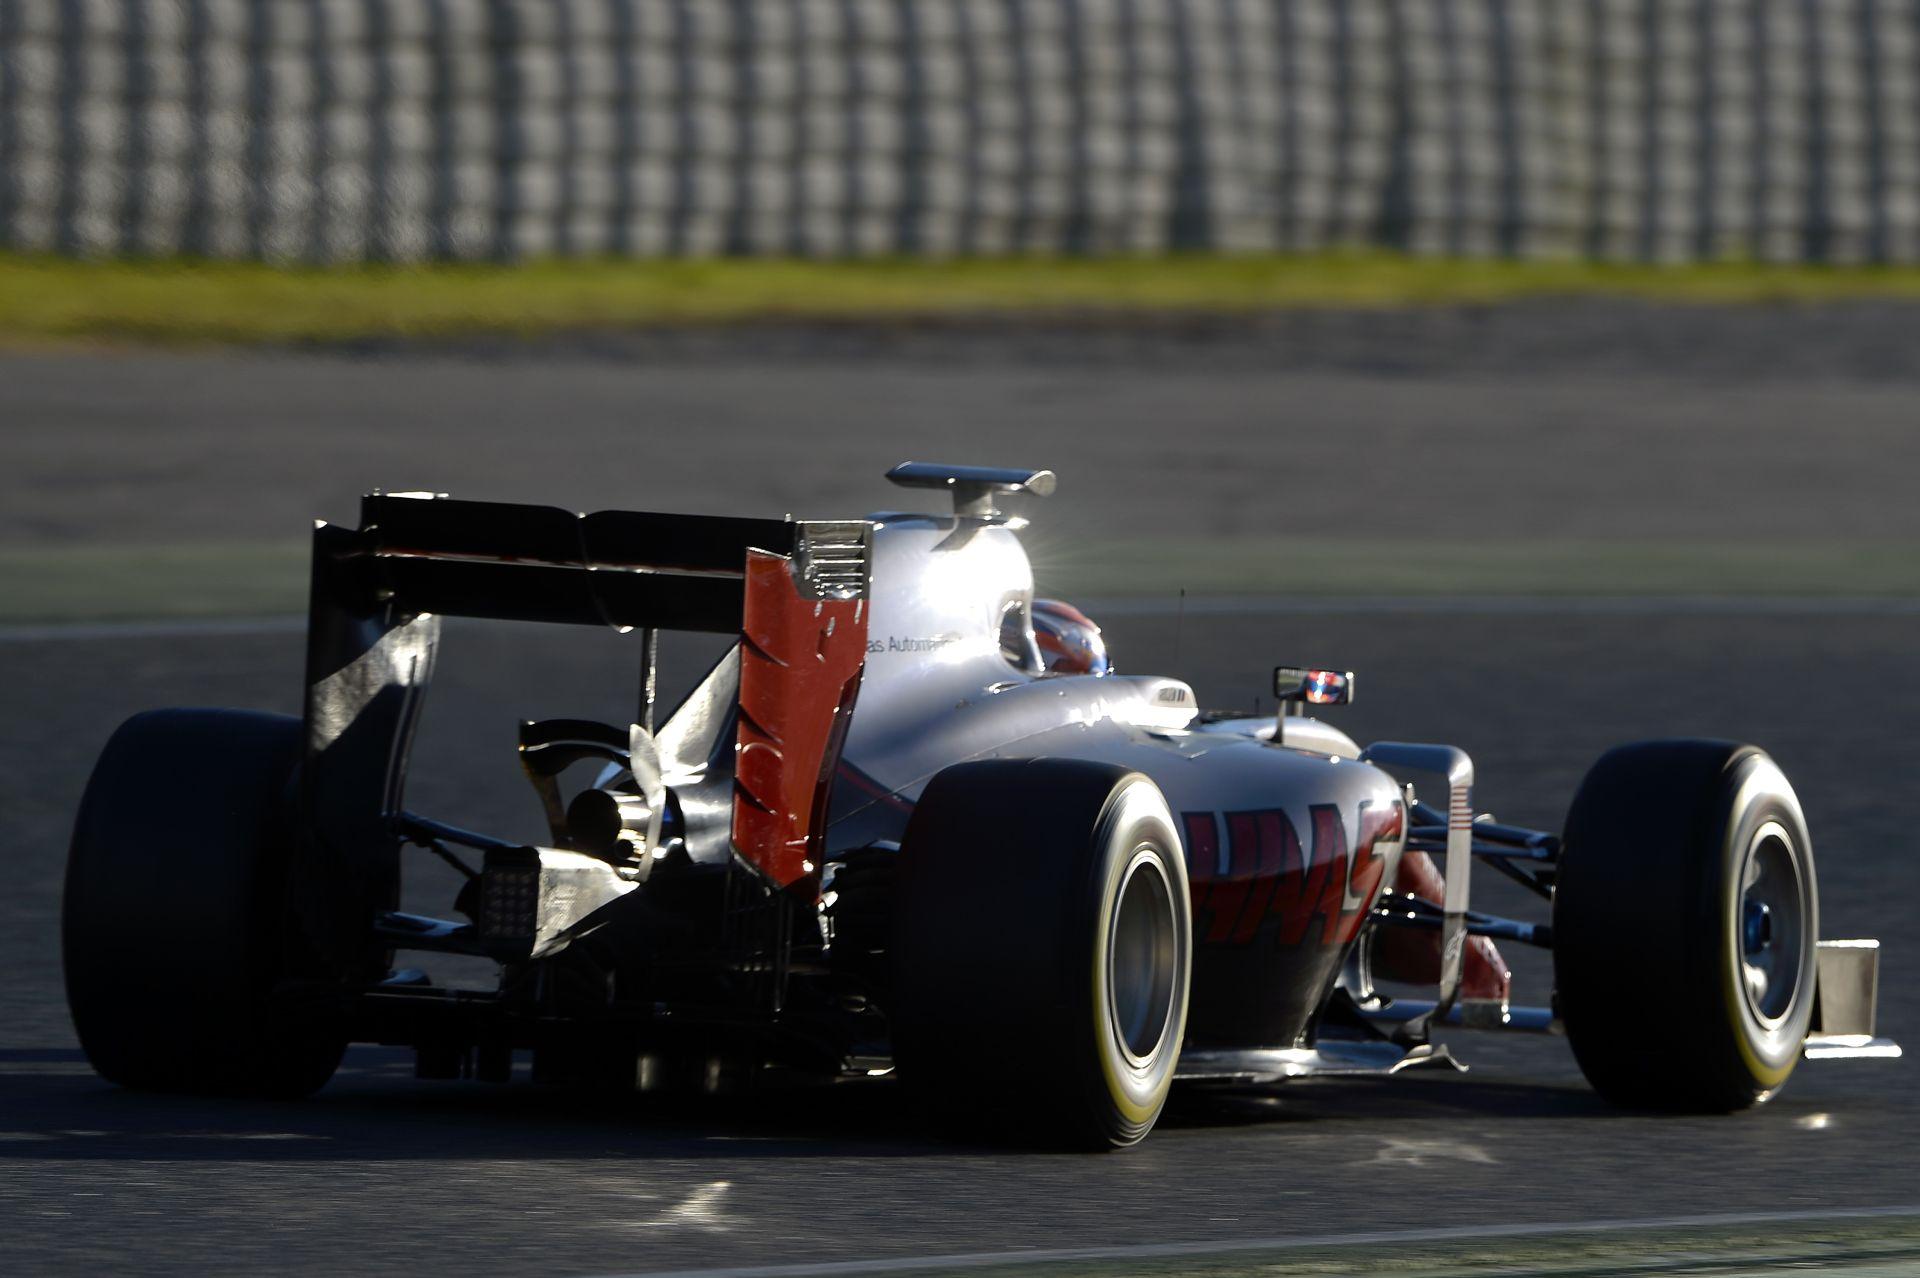 Így szól a Ferrari motorral hajtott Haas F1 Team első versenygépe